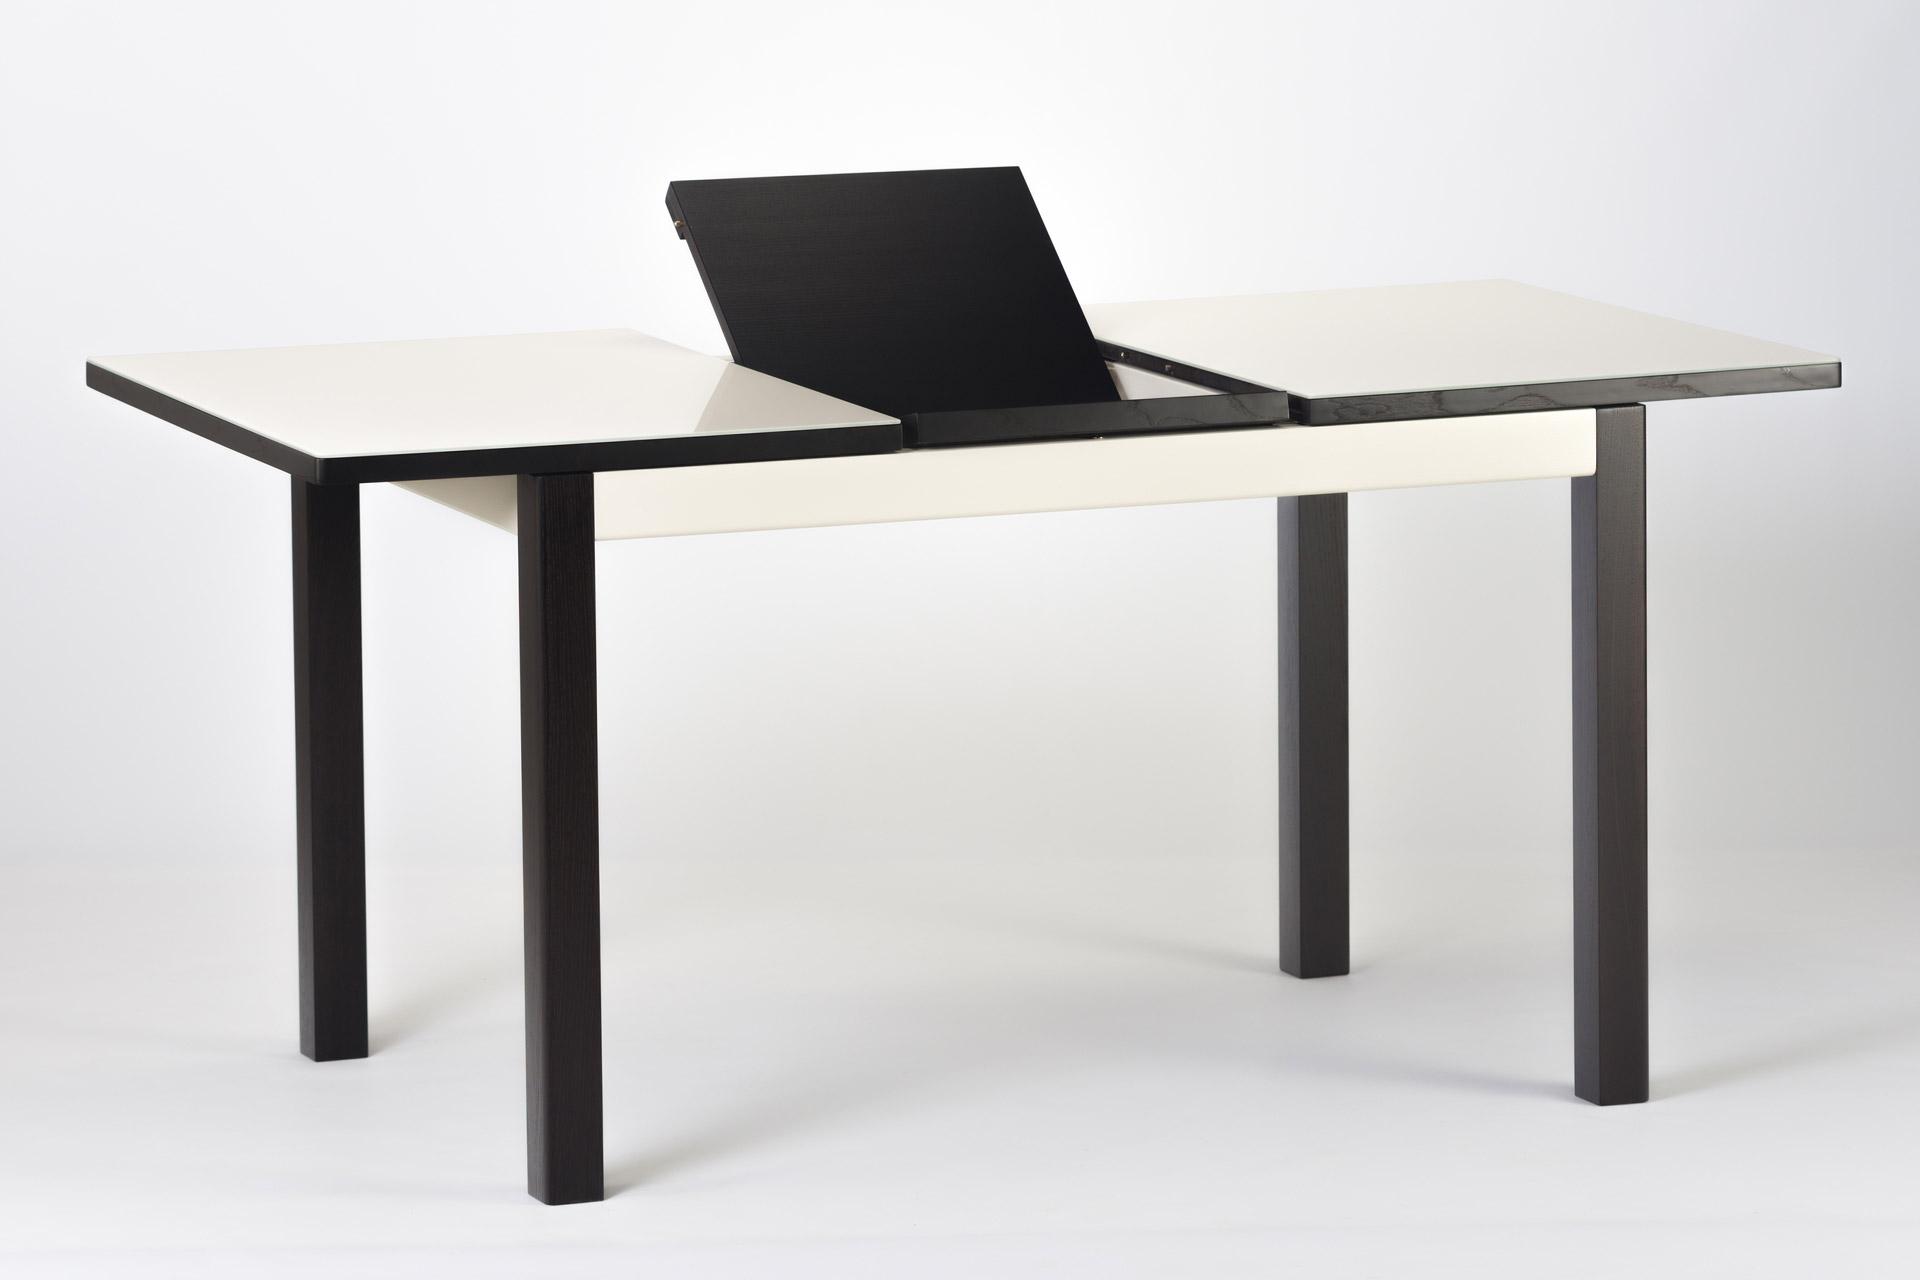 """Раскладной прямоугольный кухонный стол """"Фишер-обновленный"""" бежевая стеклянная столешница и черные ножки с твердого дерева. С механизмом раскладки столешницы"""